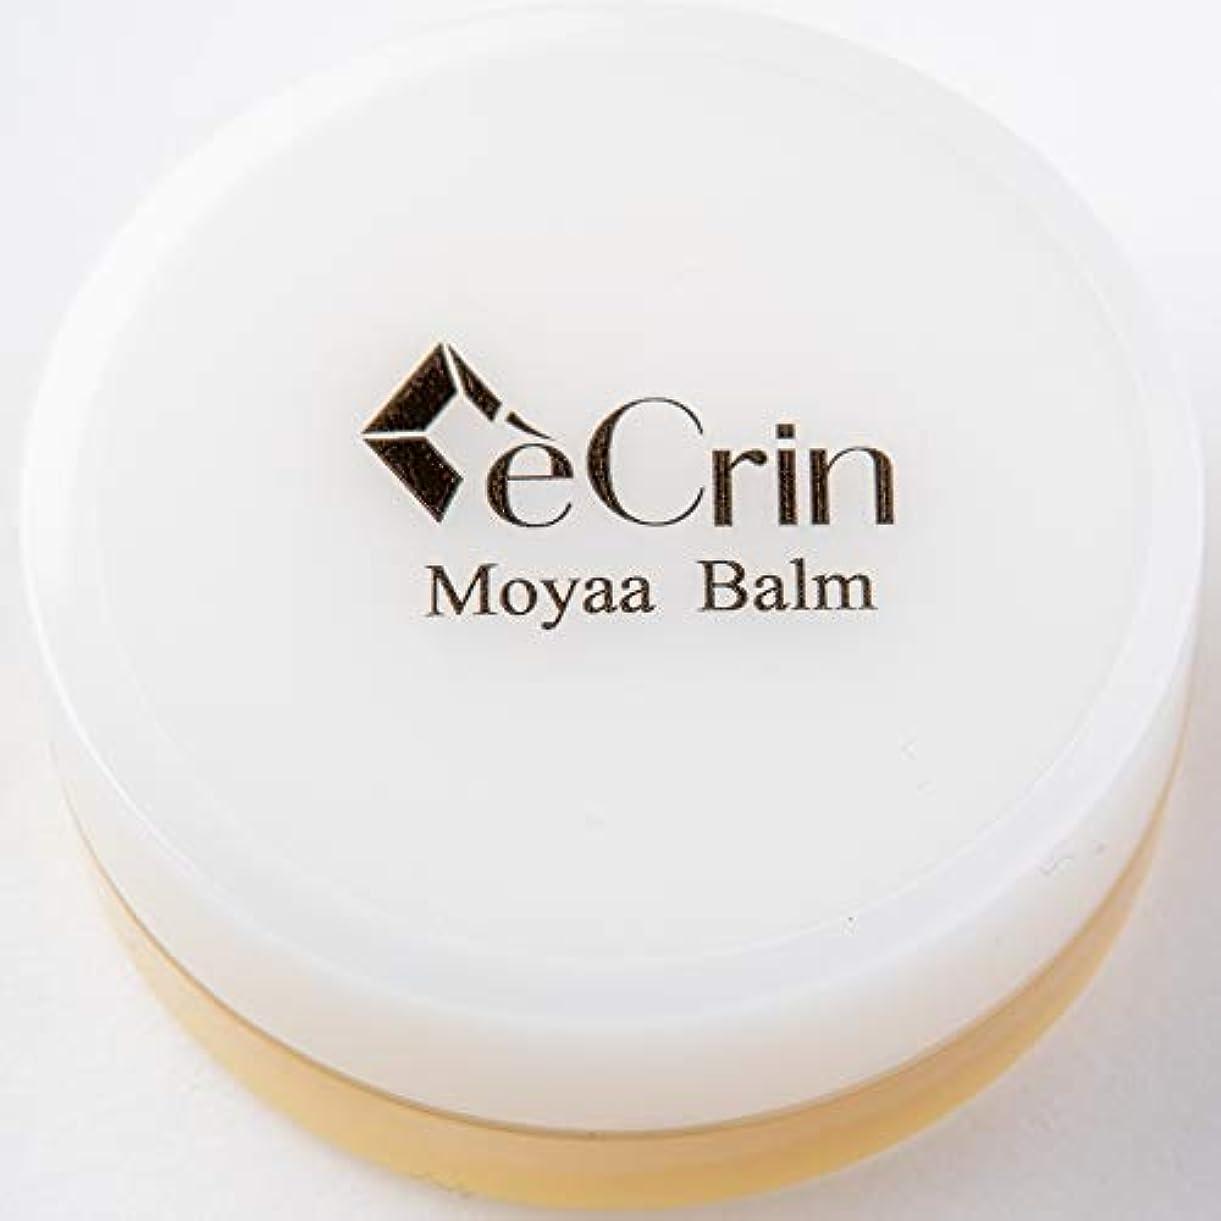 志す住人ライラックMoyaa Balm (モーヤバーム)天然成分のみで仕上げたシアバター white 無添加 天然成分100%